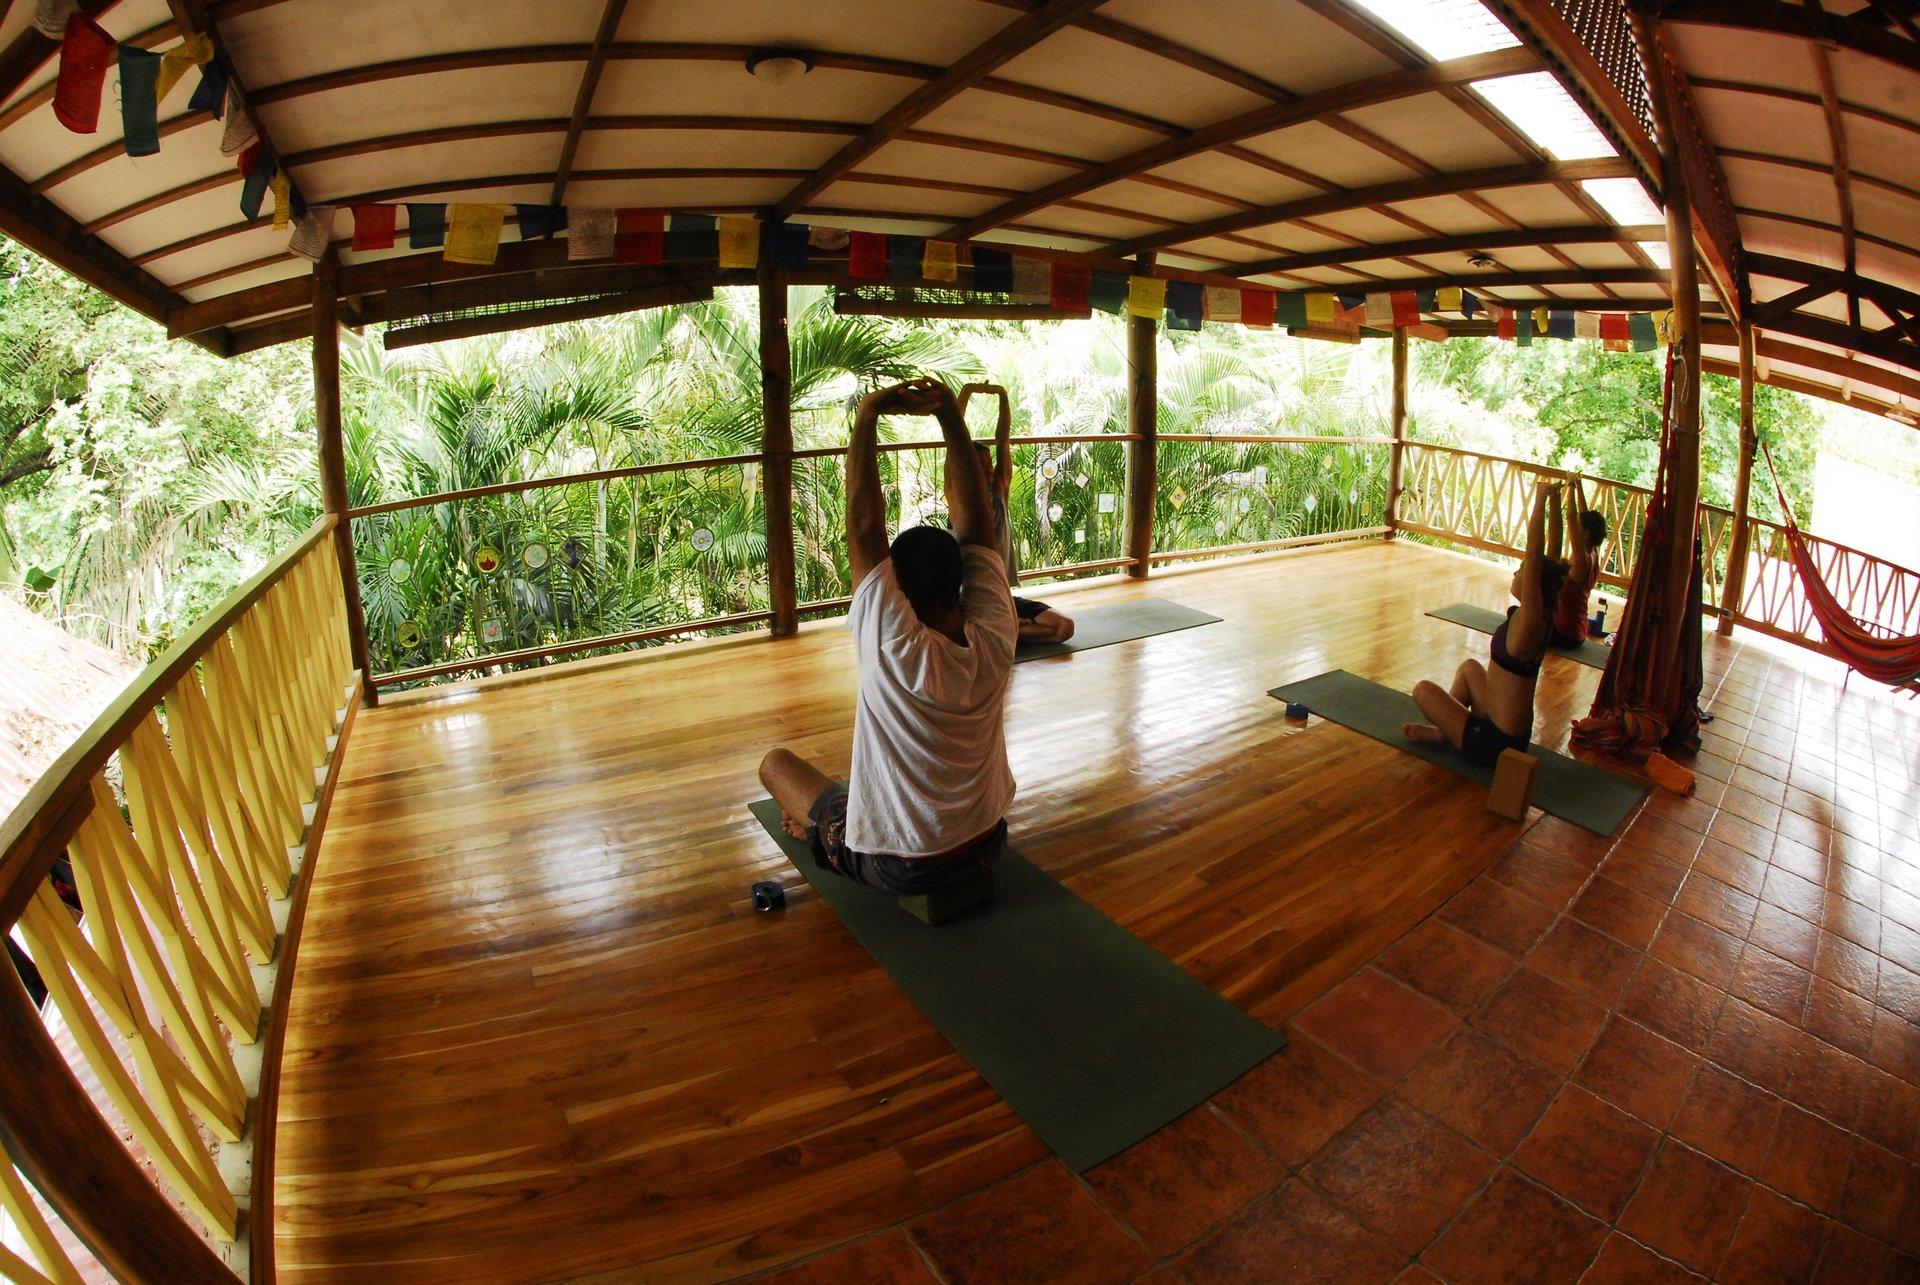 Yoga Schedule at Casa Zen Gueshouse and Yoga Center